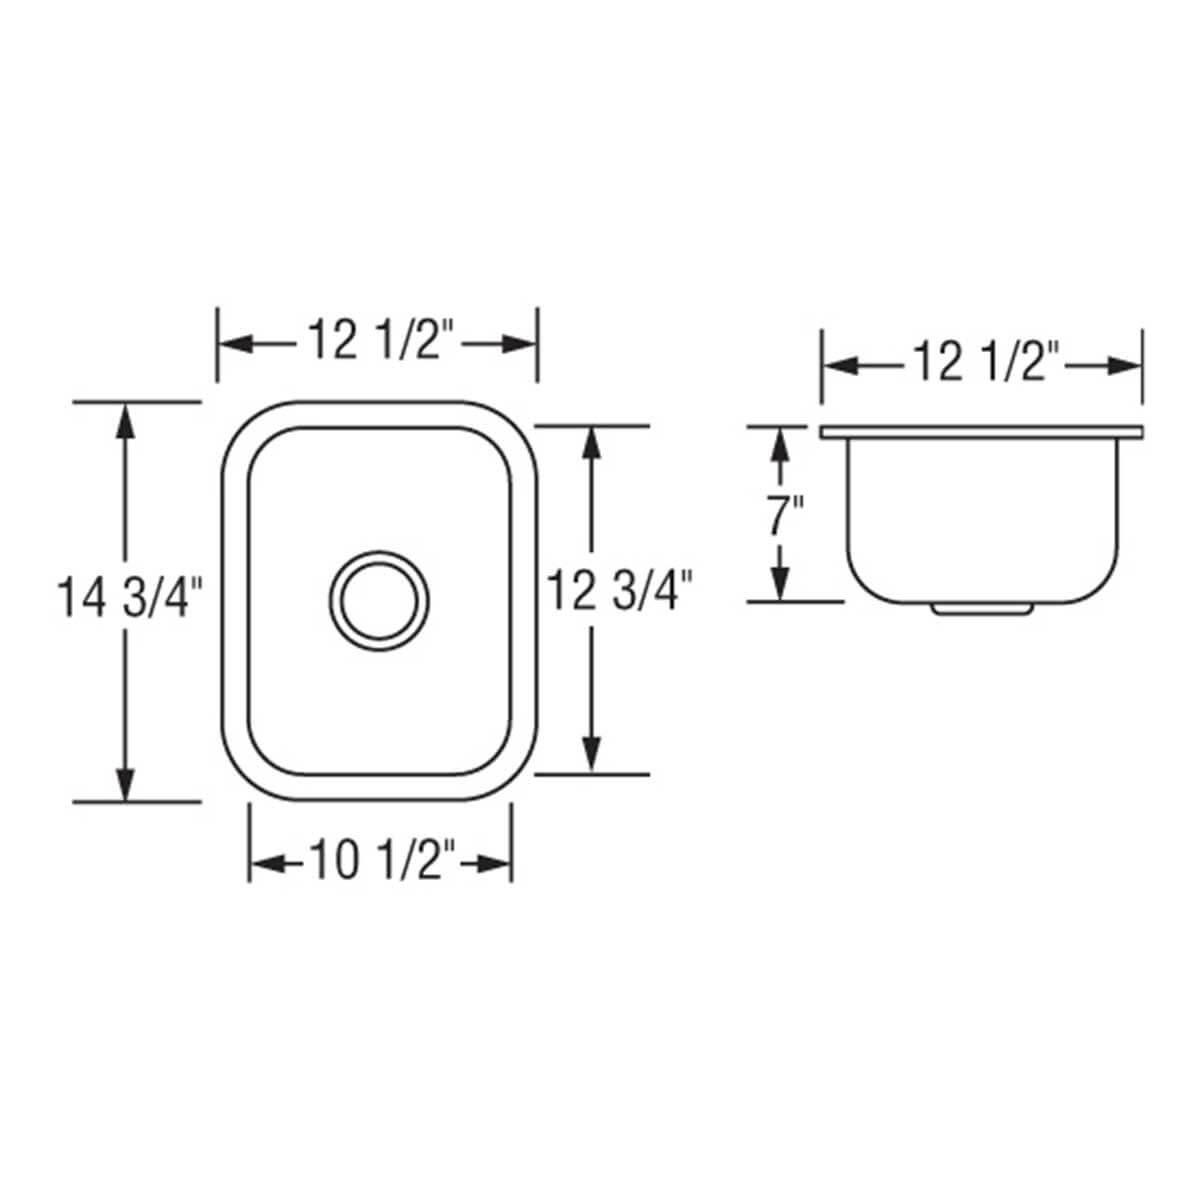 Artisan Sinks AR1214-D7 draw